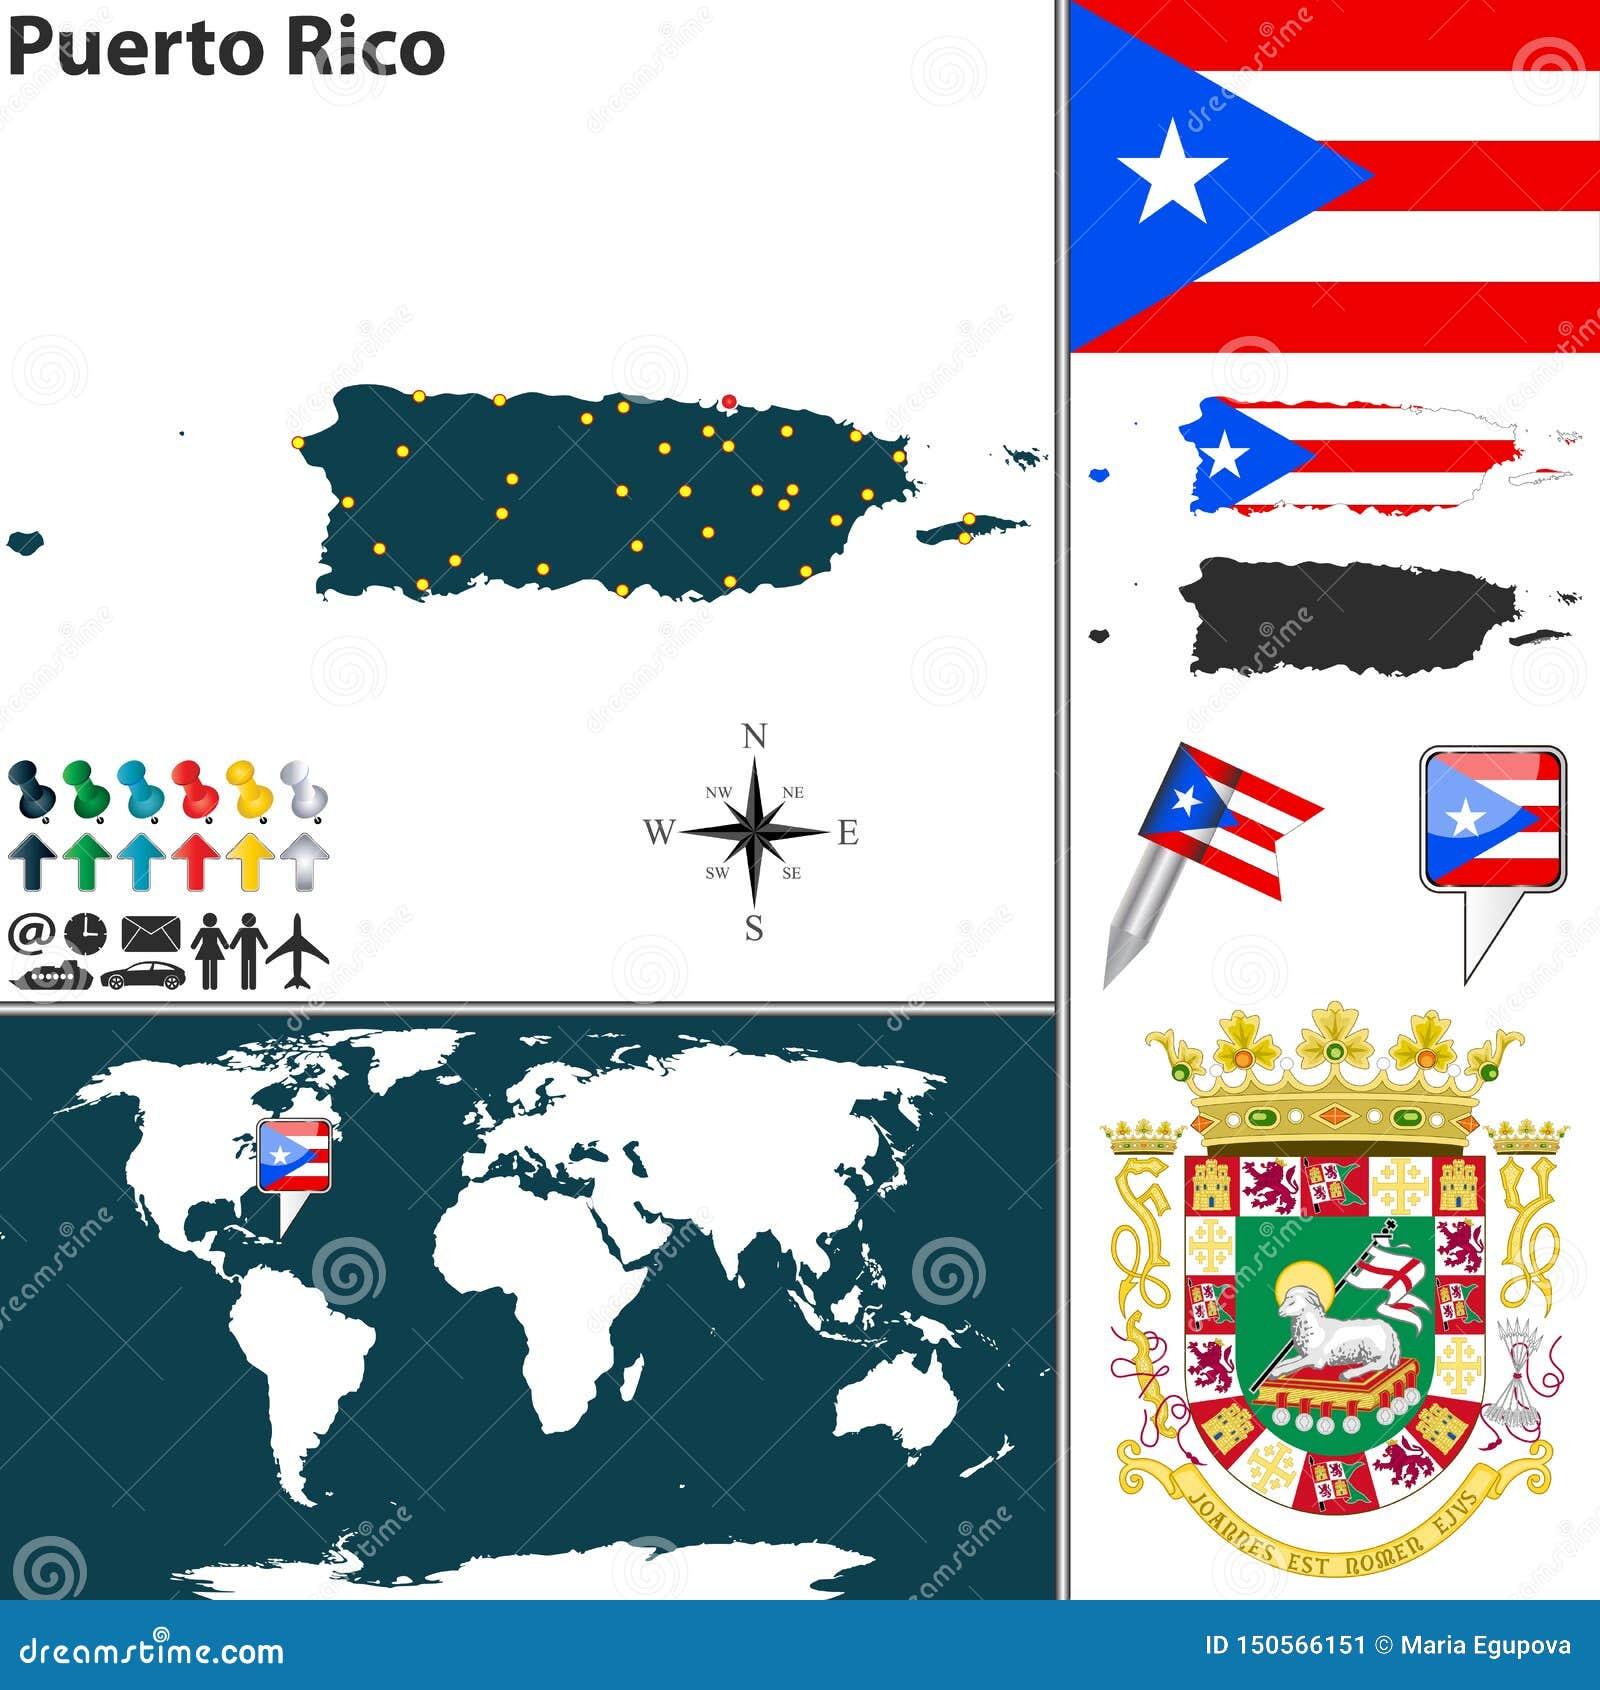 Χάρτης του Πουέρτο Ρίκο